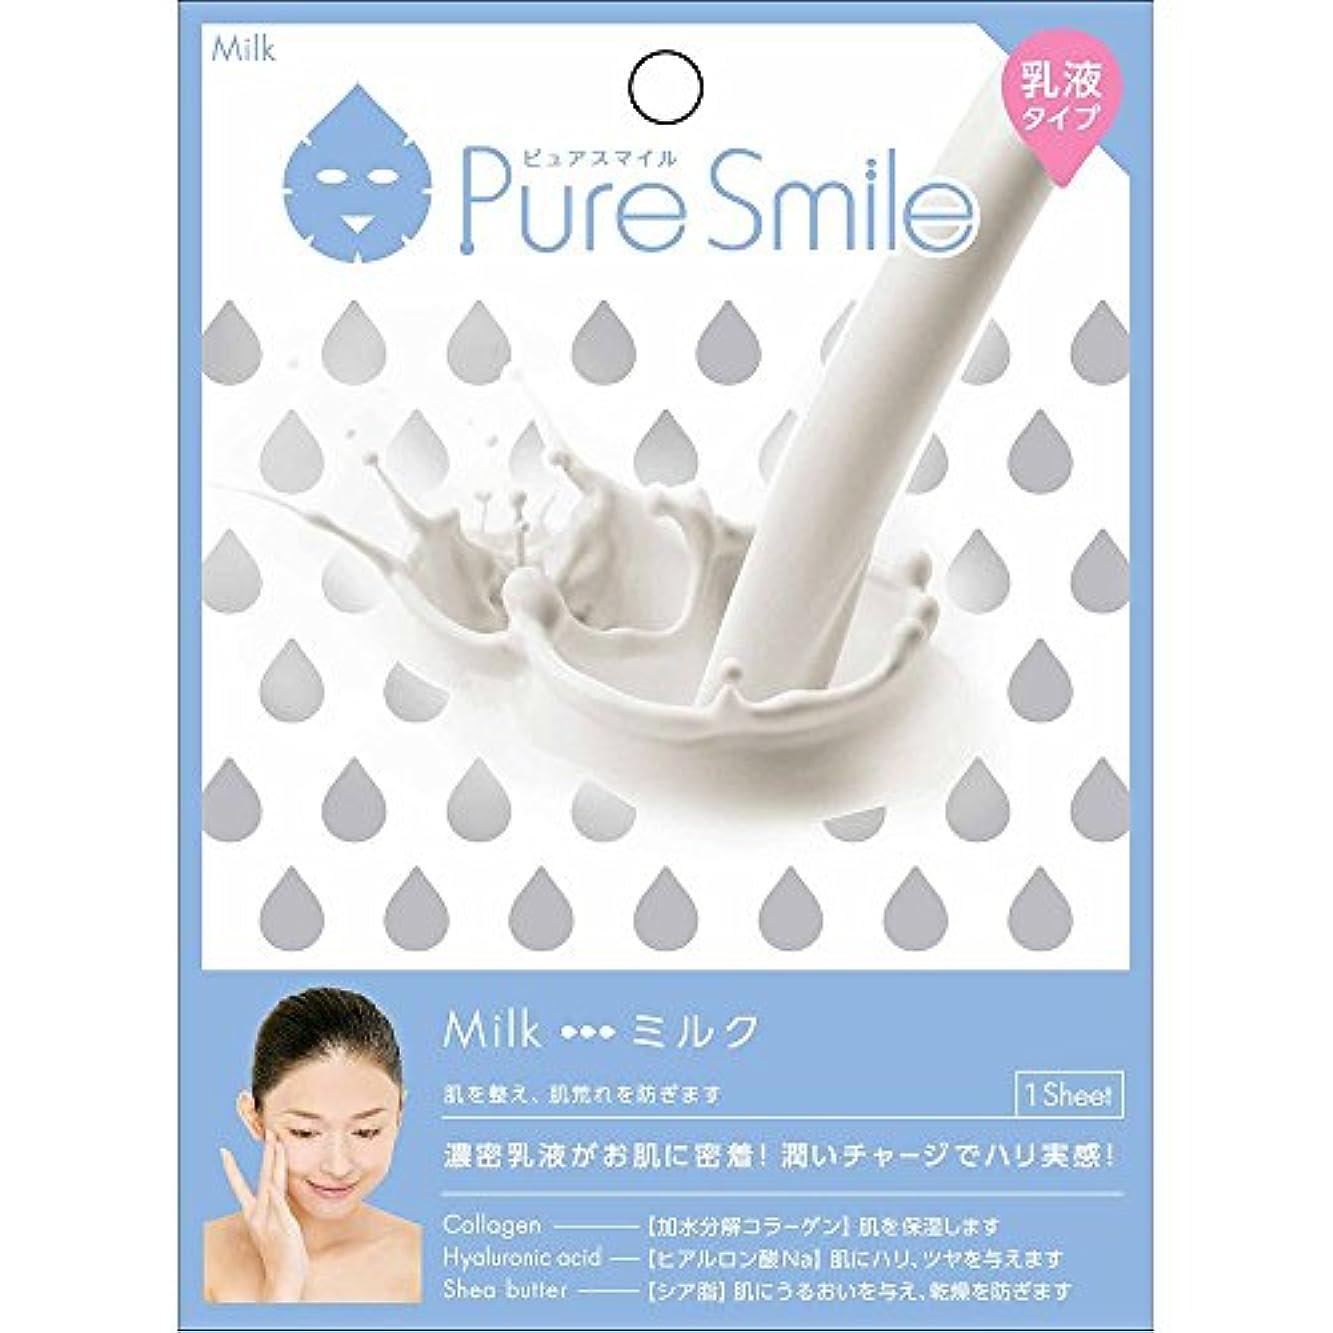 肯定的医師マーチャンダイザーPure Smile(ピュアスマイル) 乳液エッセンスマスク 1 枚 ミルク